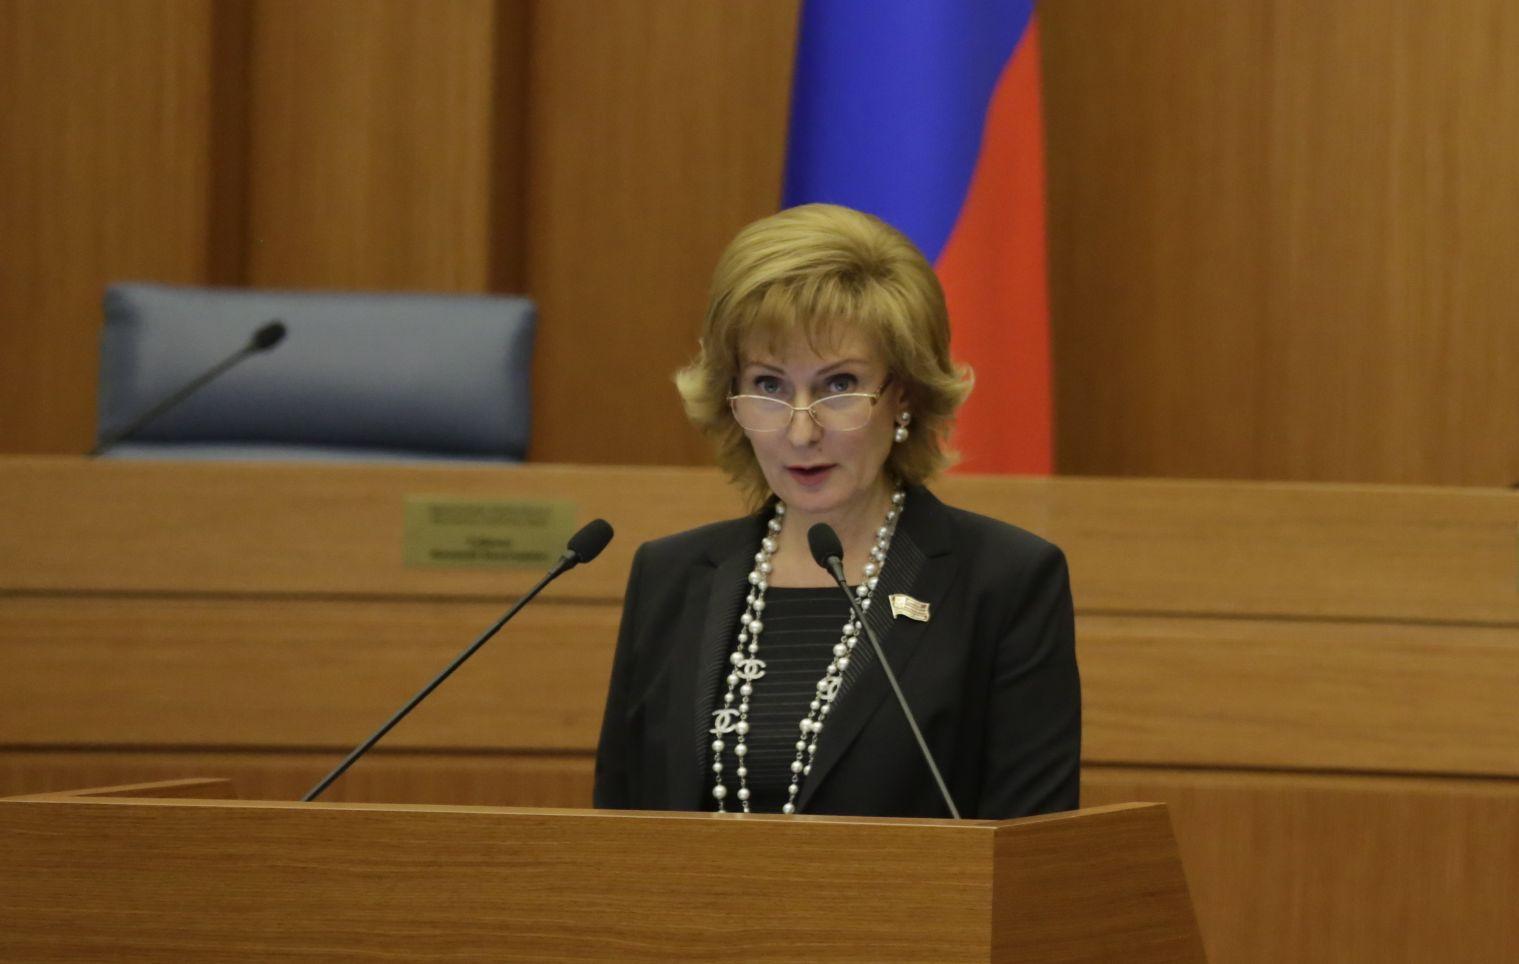 Сенатор Святенко может представить Совфед по взаимодействию с детским омбудсменом